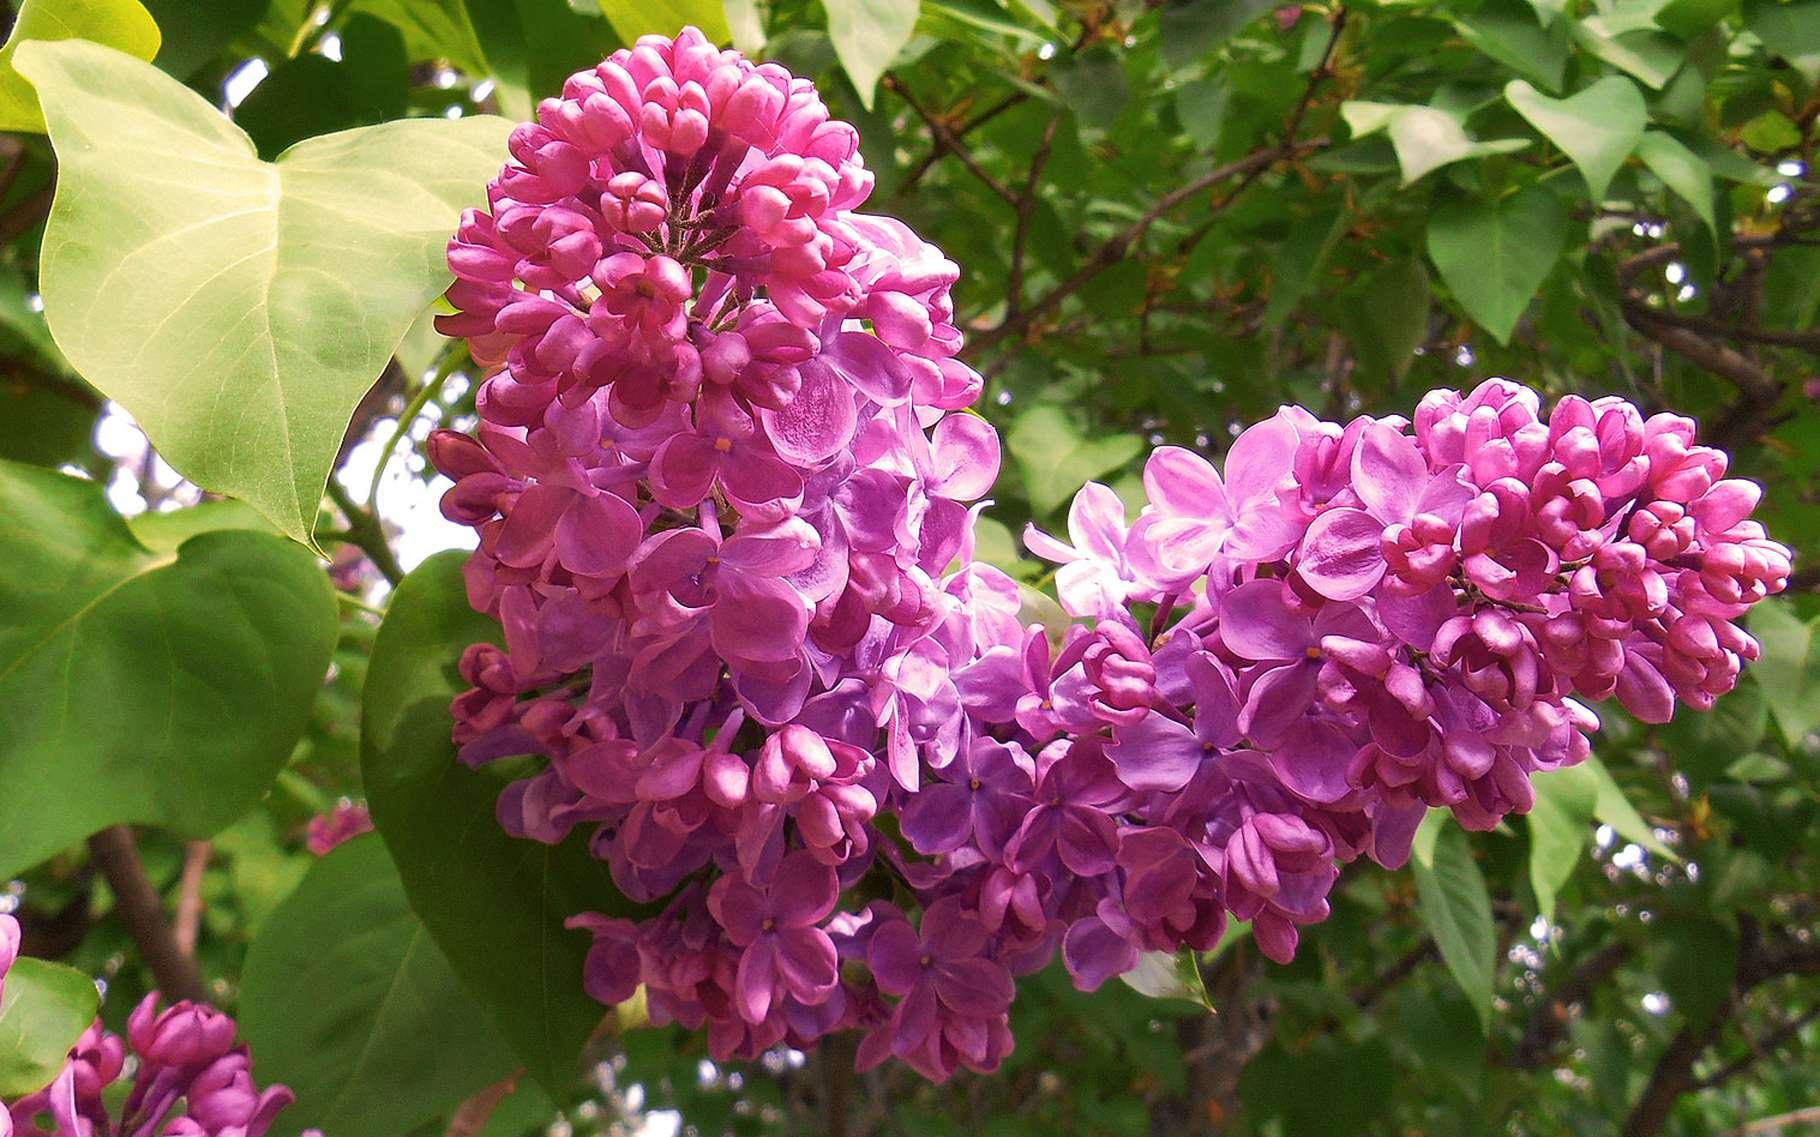 Le lilas commun peut aller jusqu'à 7 ou 8 mètres de hauteur. © Trish Steel-geograph-CC by sa 2.0